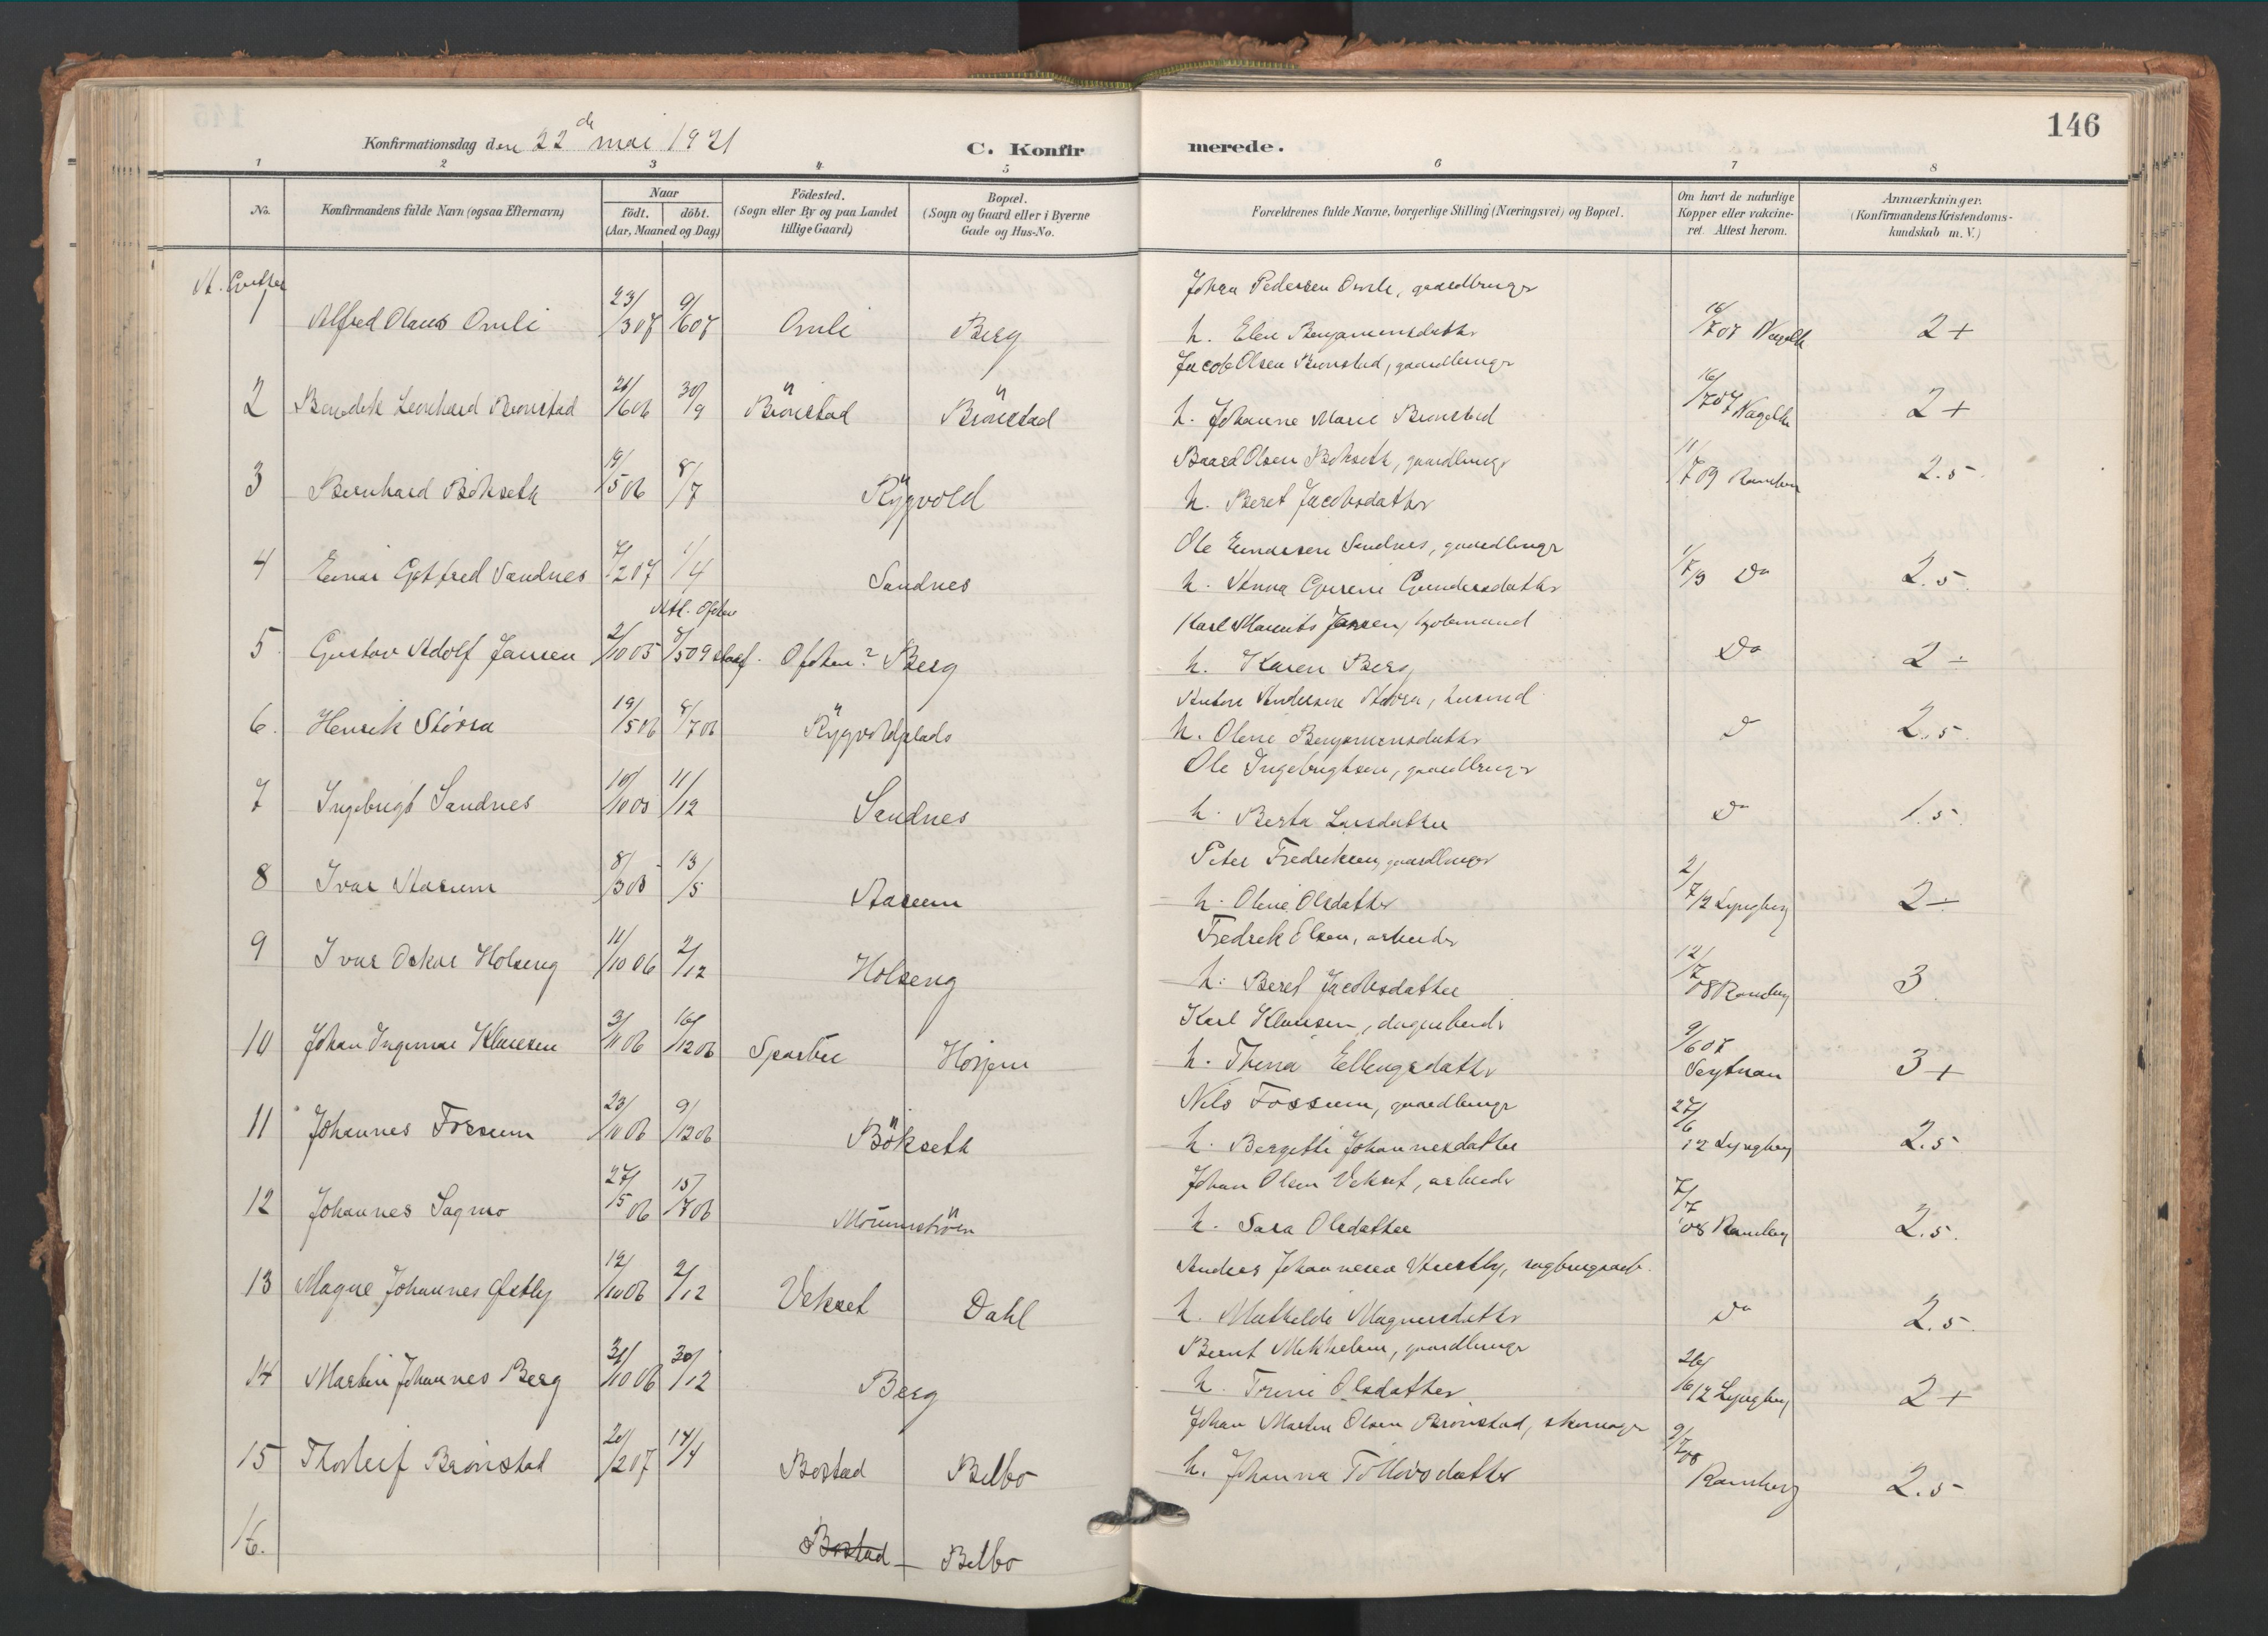 SAT, Ministerialprotokoller, klokkerbøker og fødselsregistre - Nord-Trøndelag, 749/L0477: Ministerialbok nr. 749A11, 1902-1927, s. 146